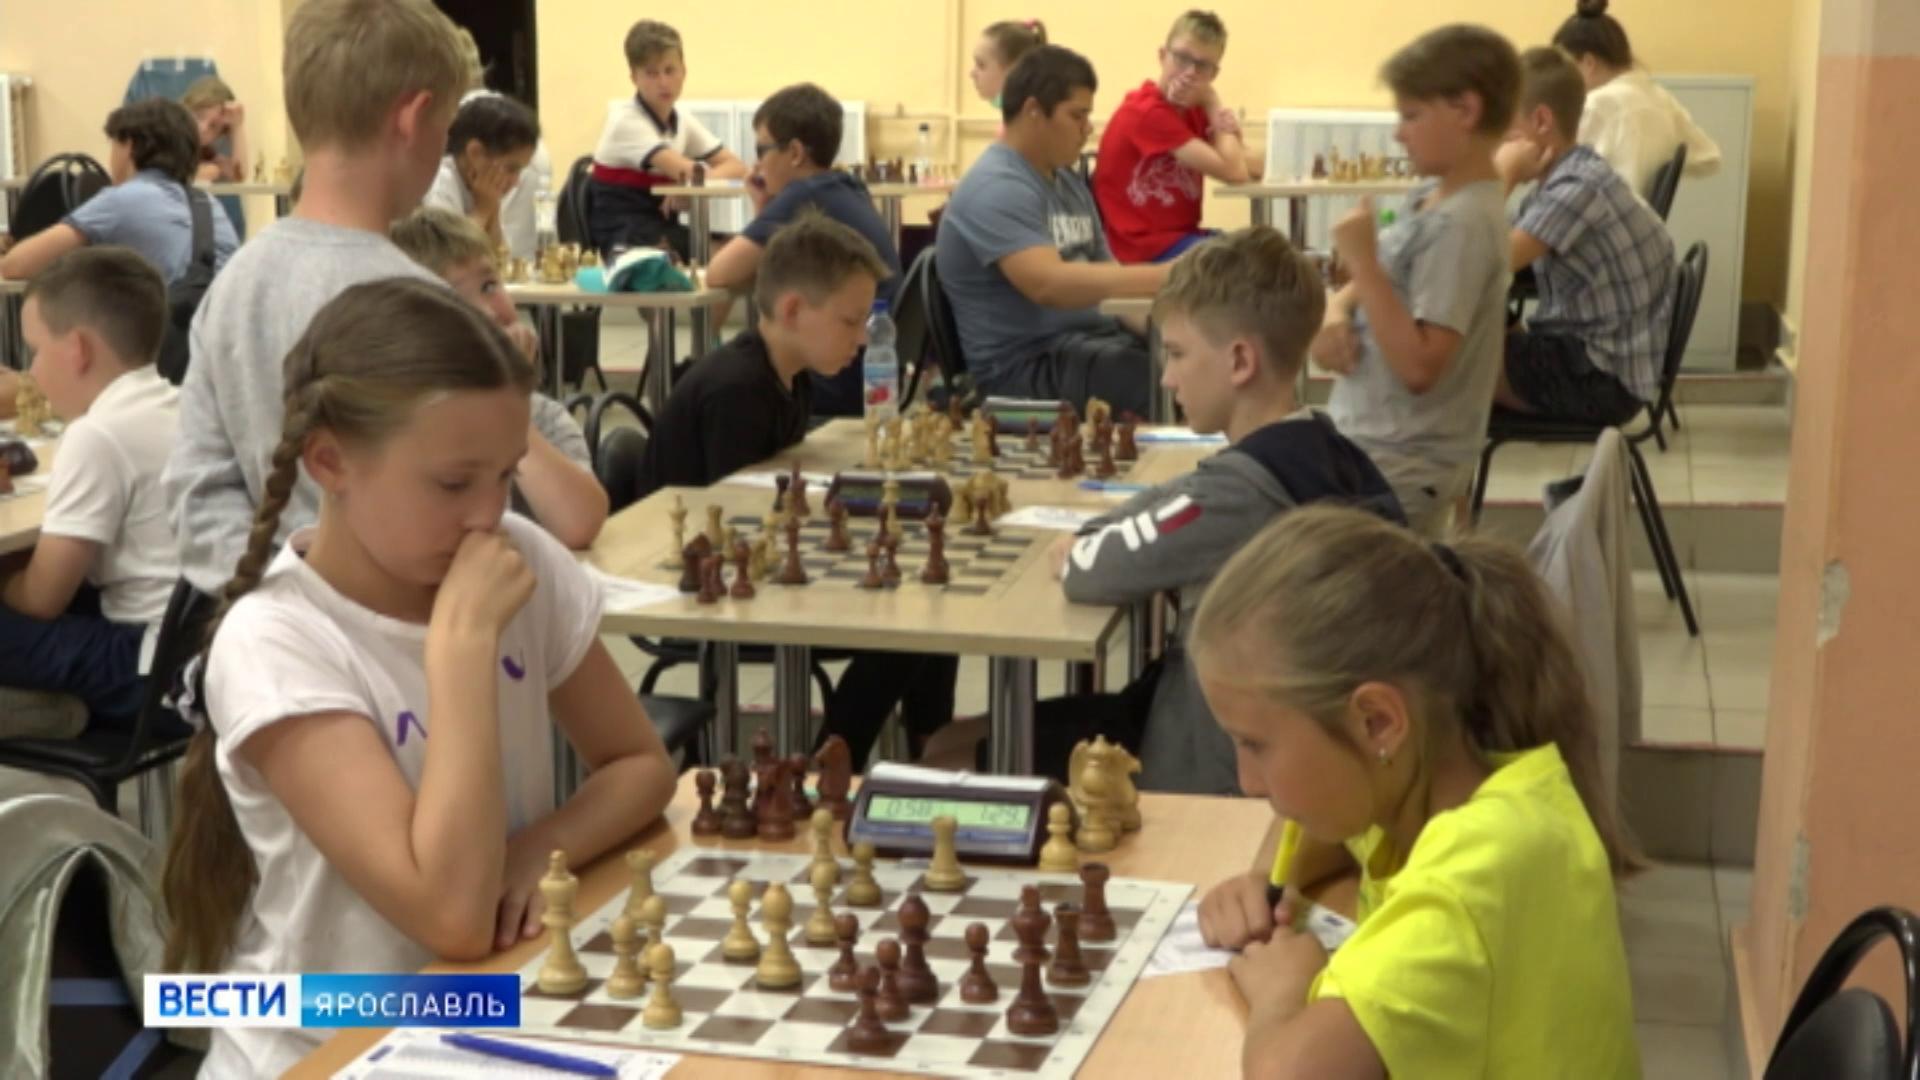 В Ярославле стартовал этап Кубка России по шахматам